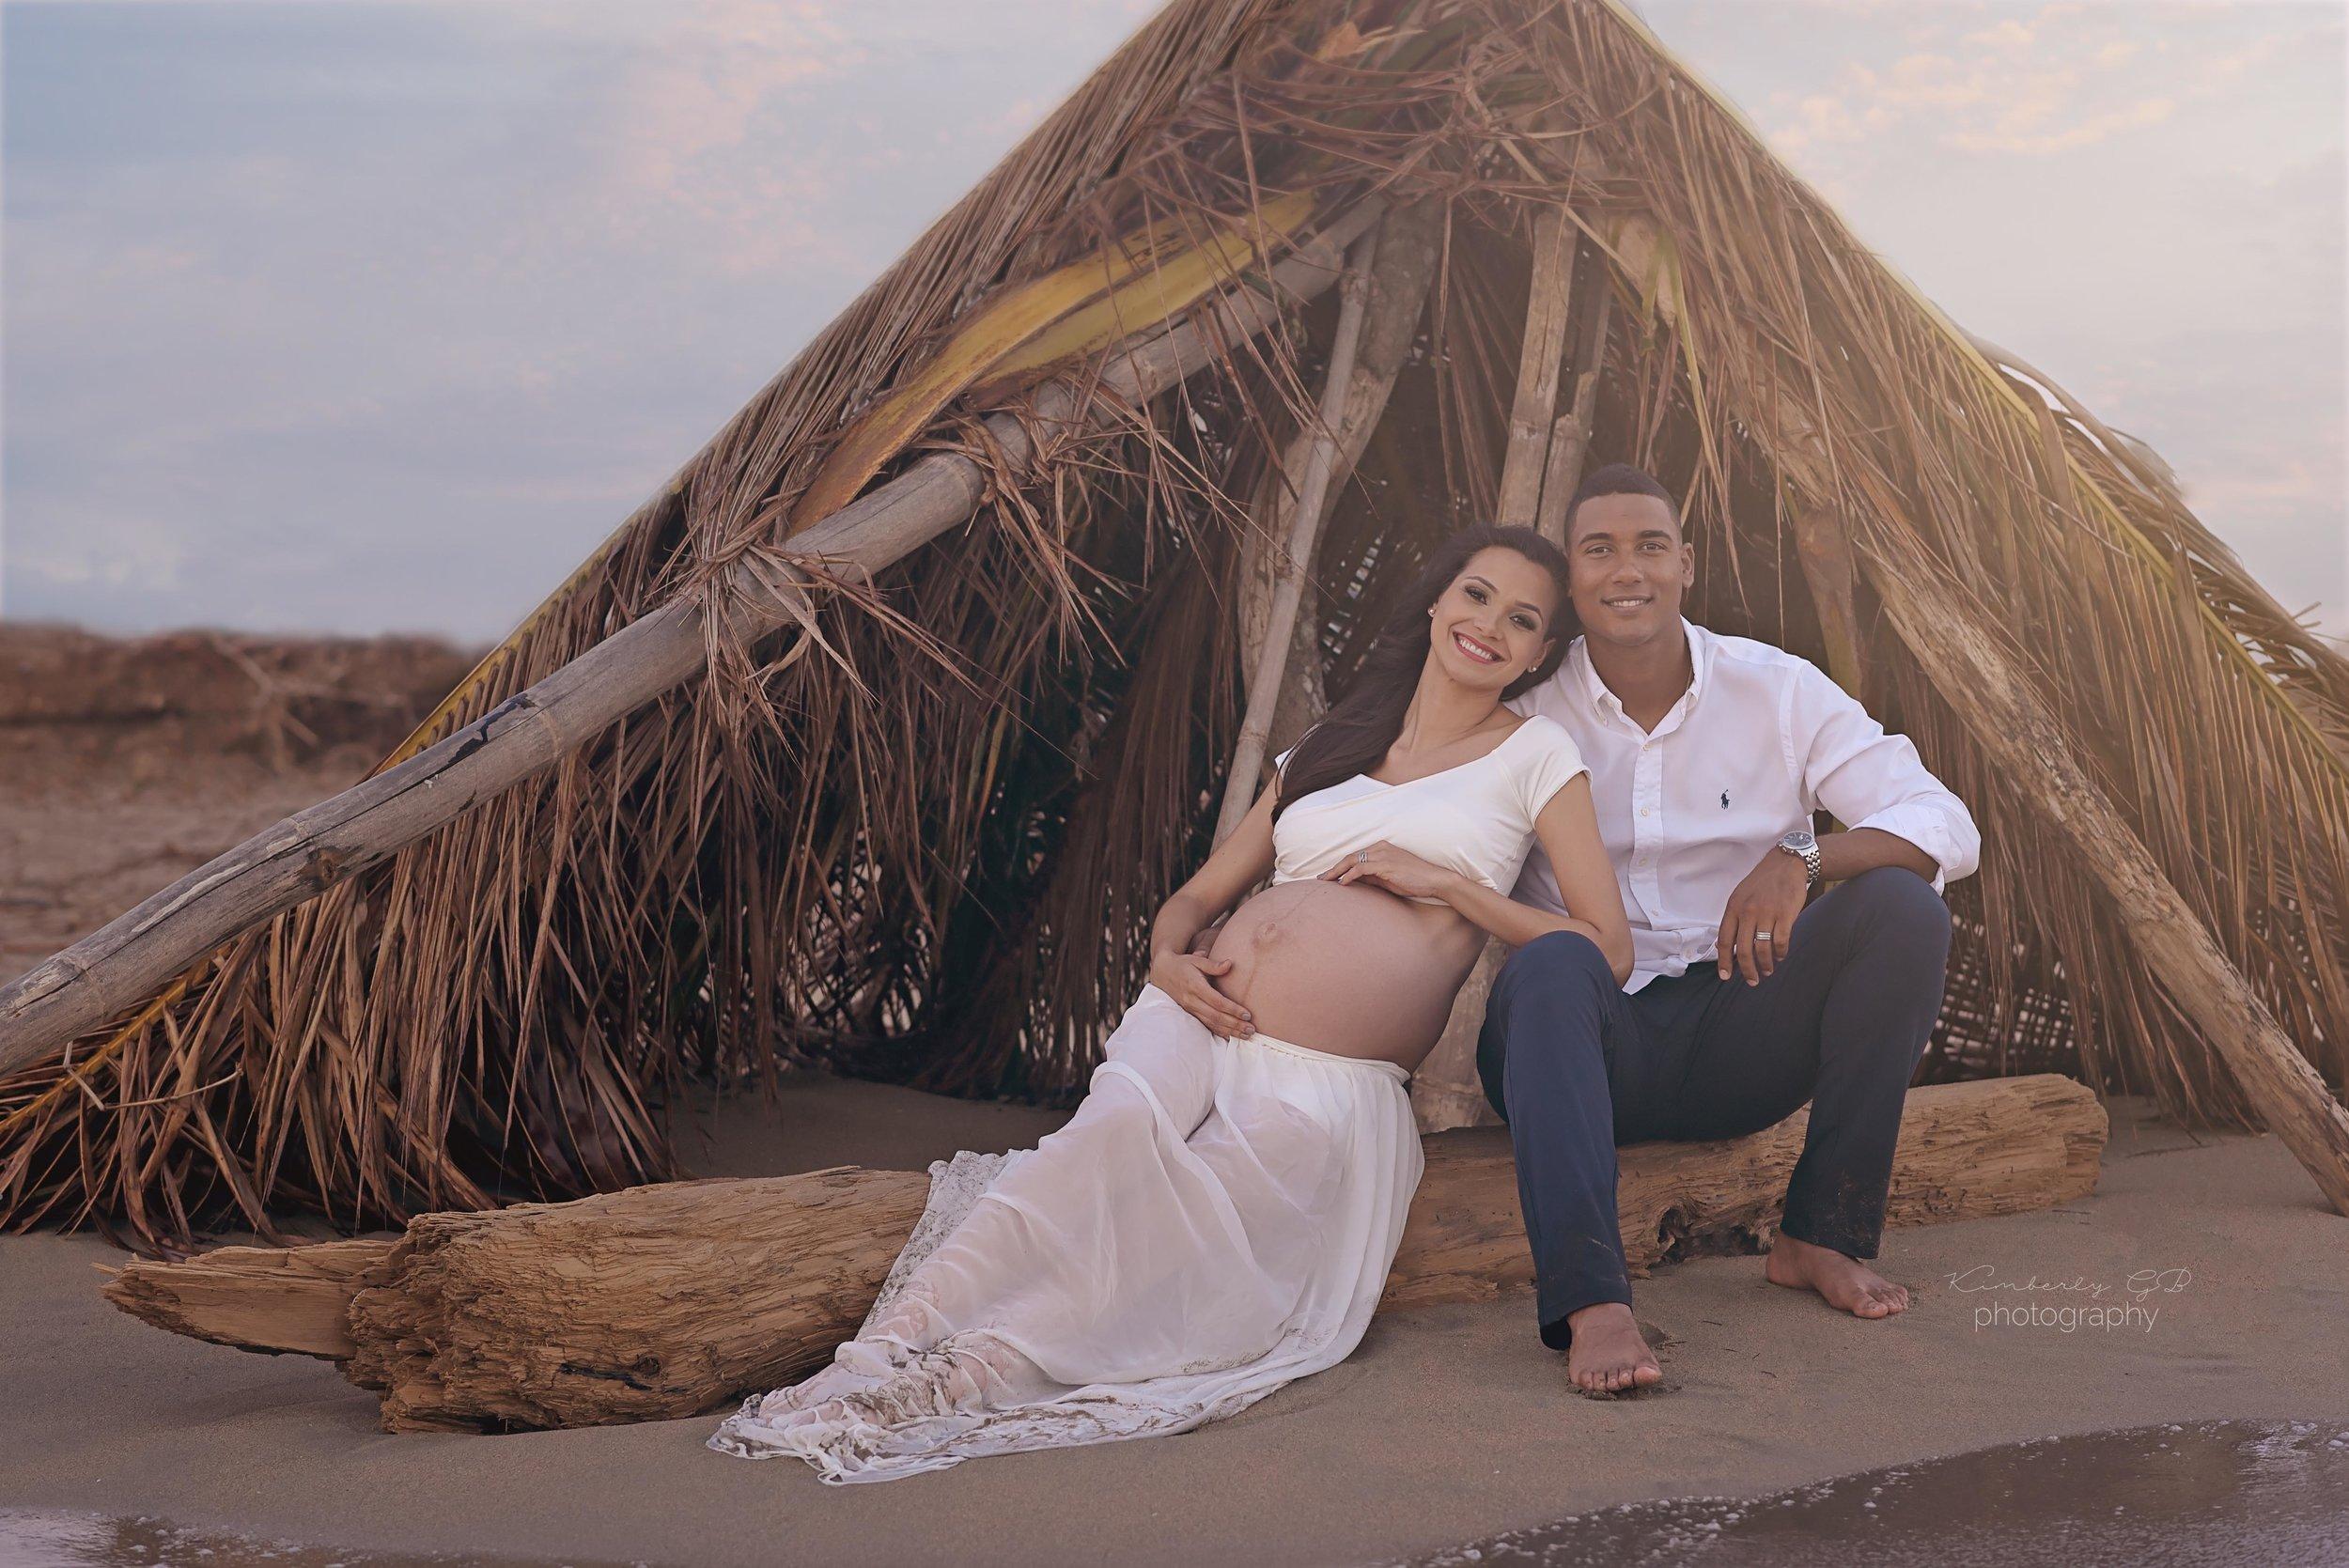 fotografia-fotografa-de-maternidad-embarazo-embarazada-en-puerto-rico-fotografia-55.jpg